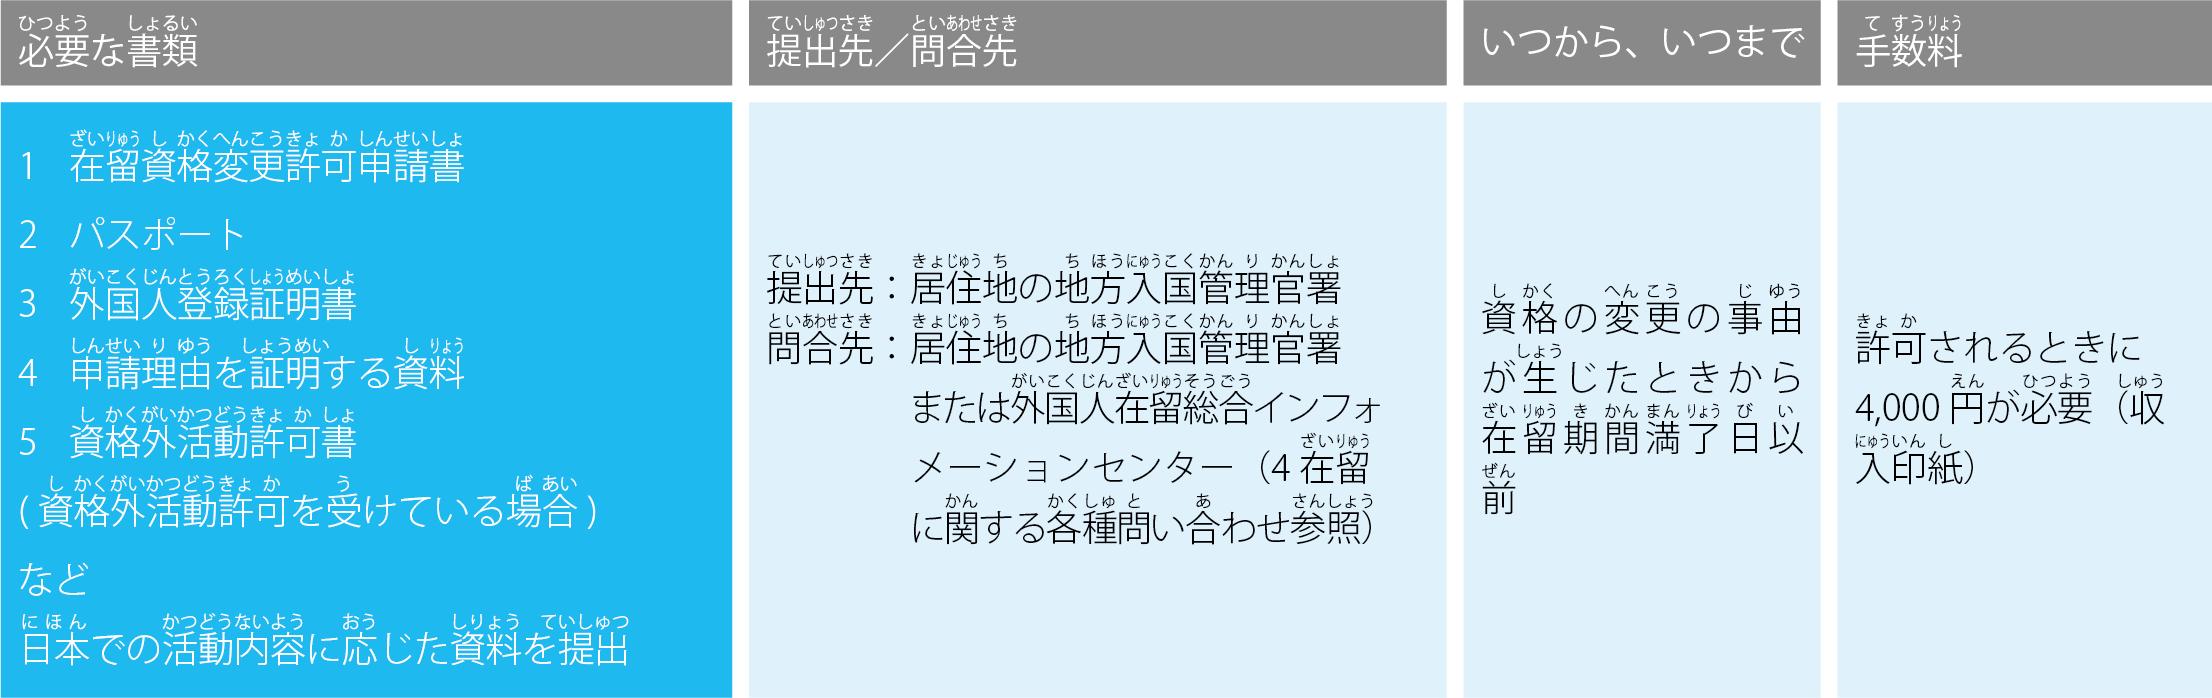 Kizuna_post_resident_status_jp_07